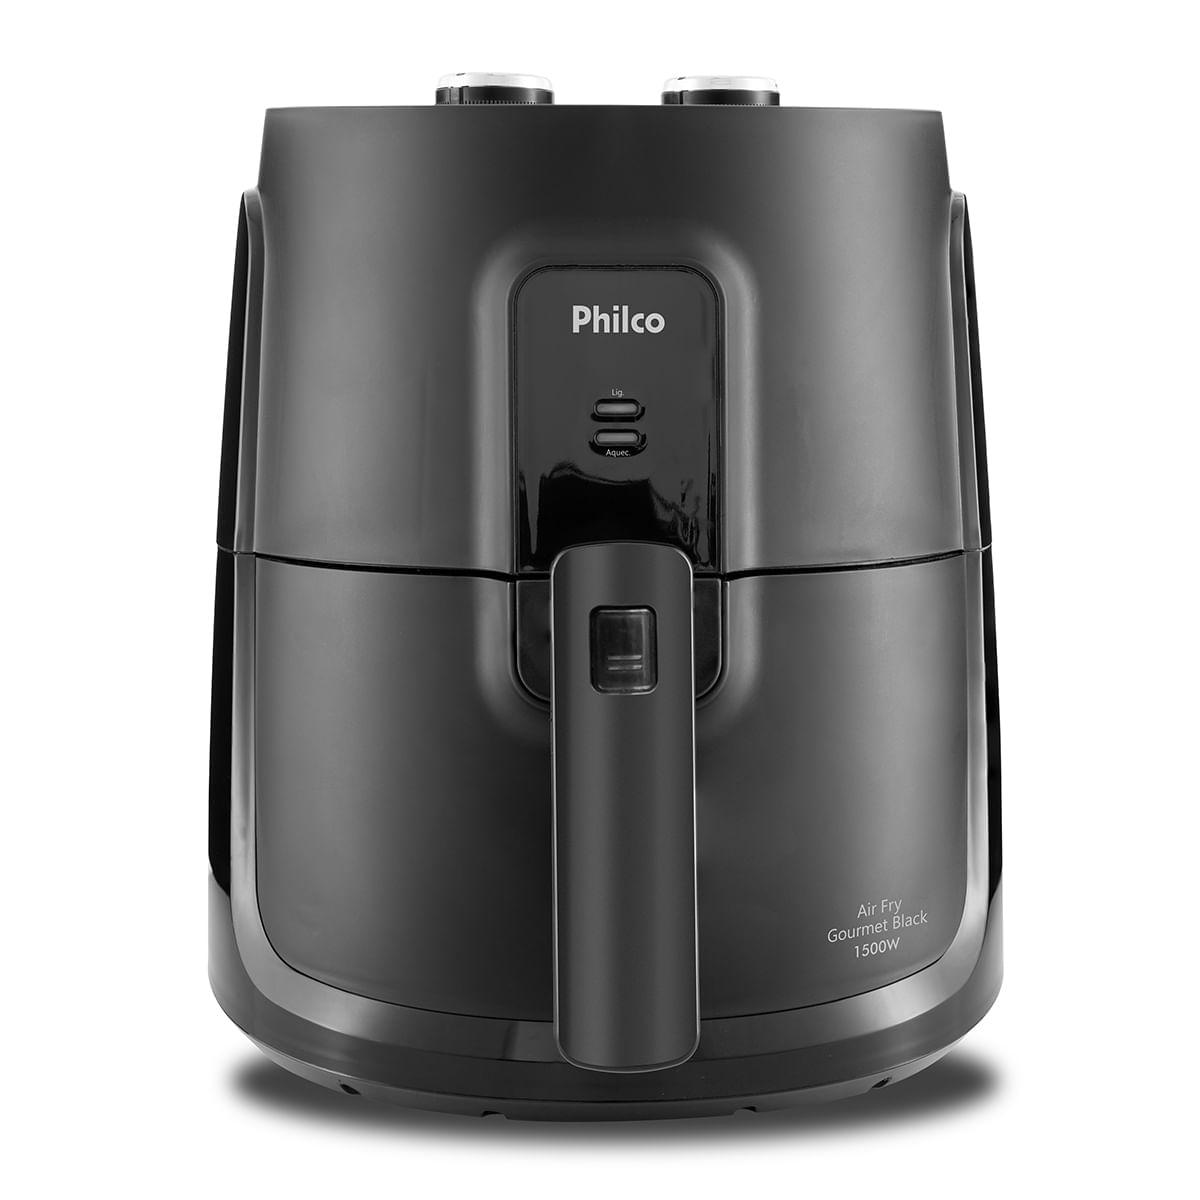 Fritadeira Philco Air Fry Gourmet Black PFR15P 4L 1500W